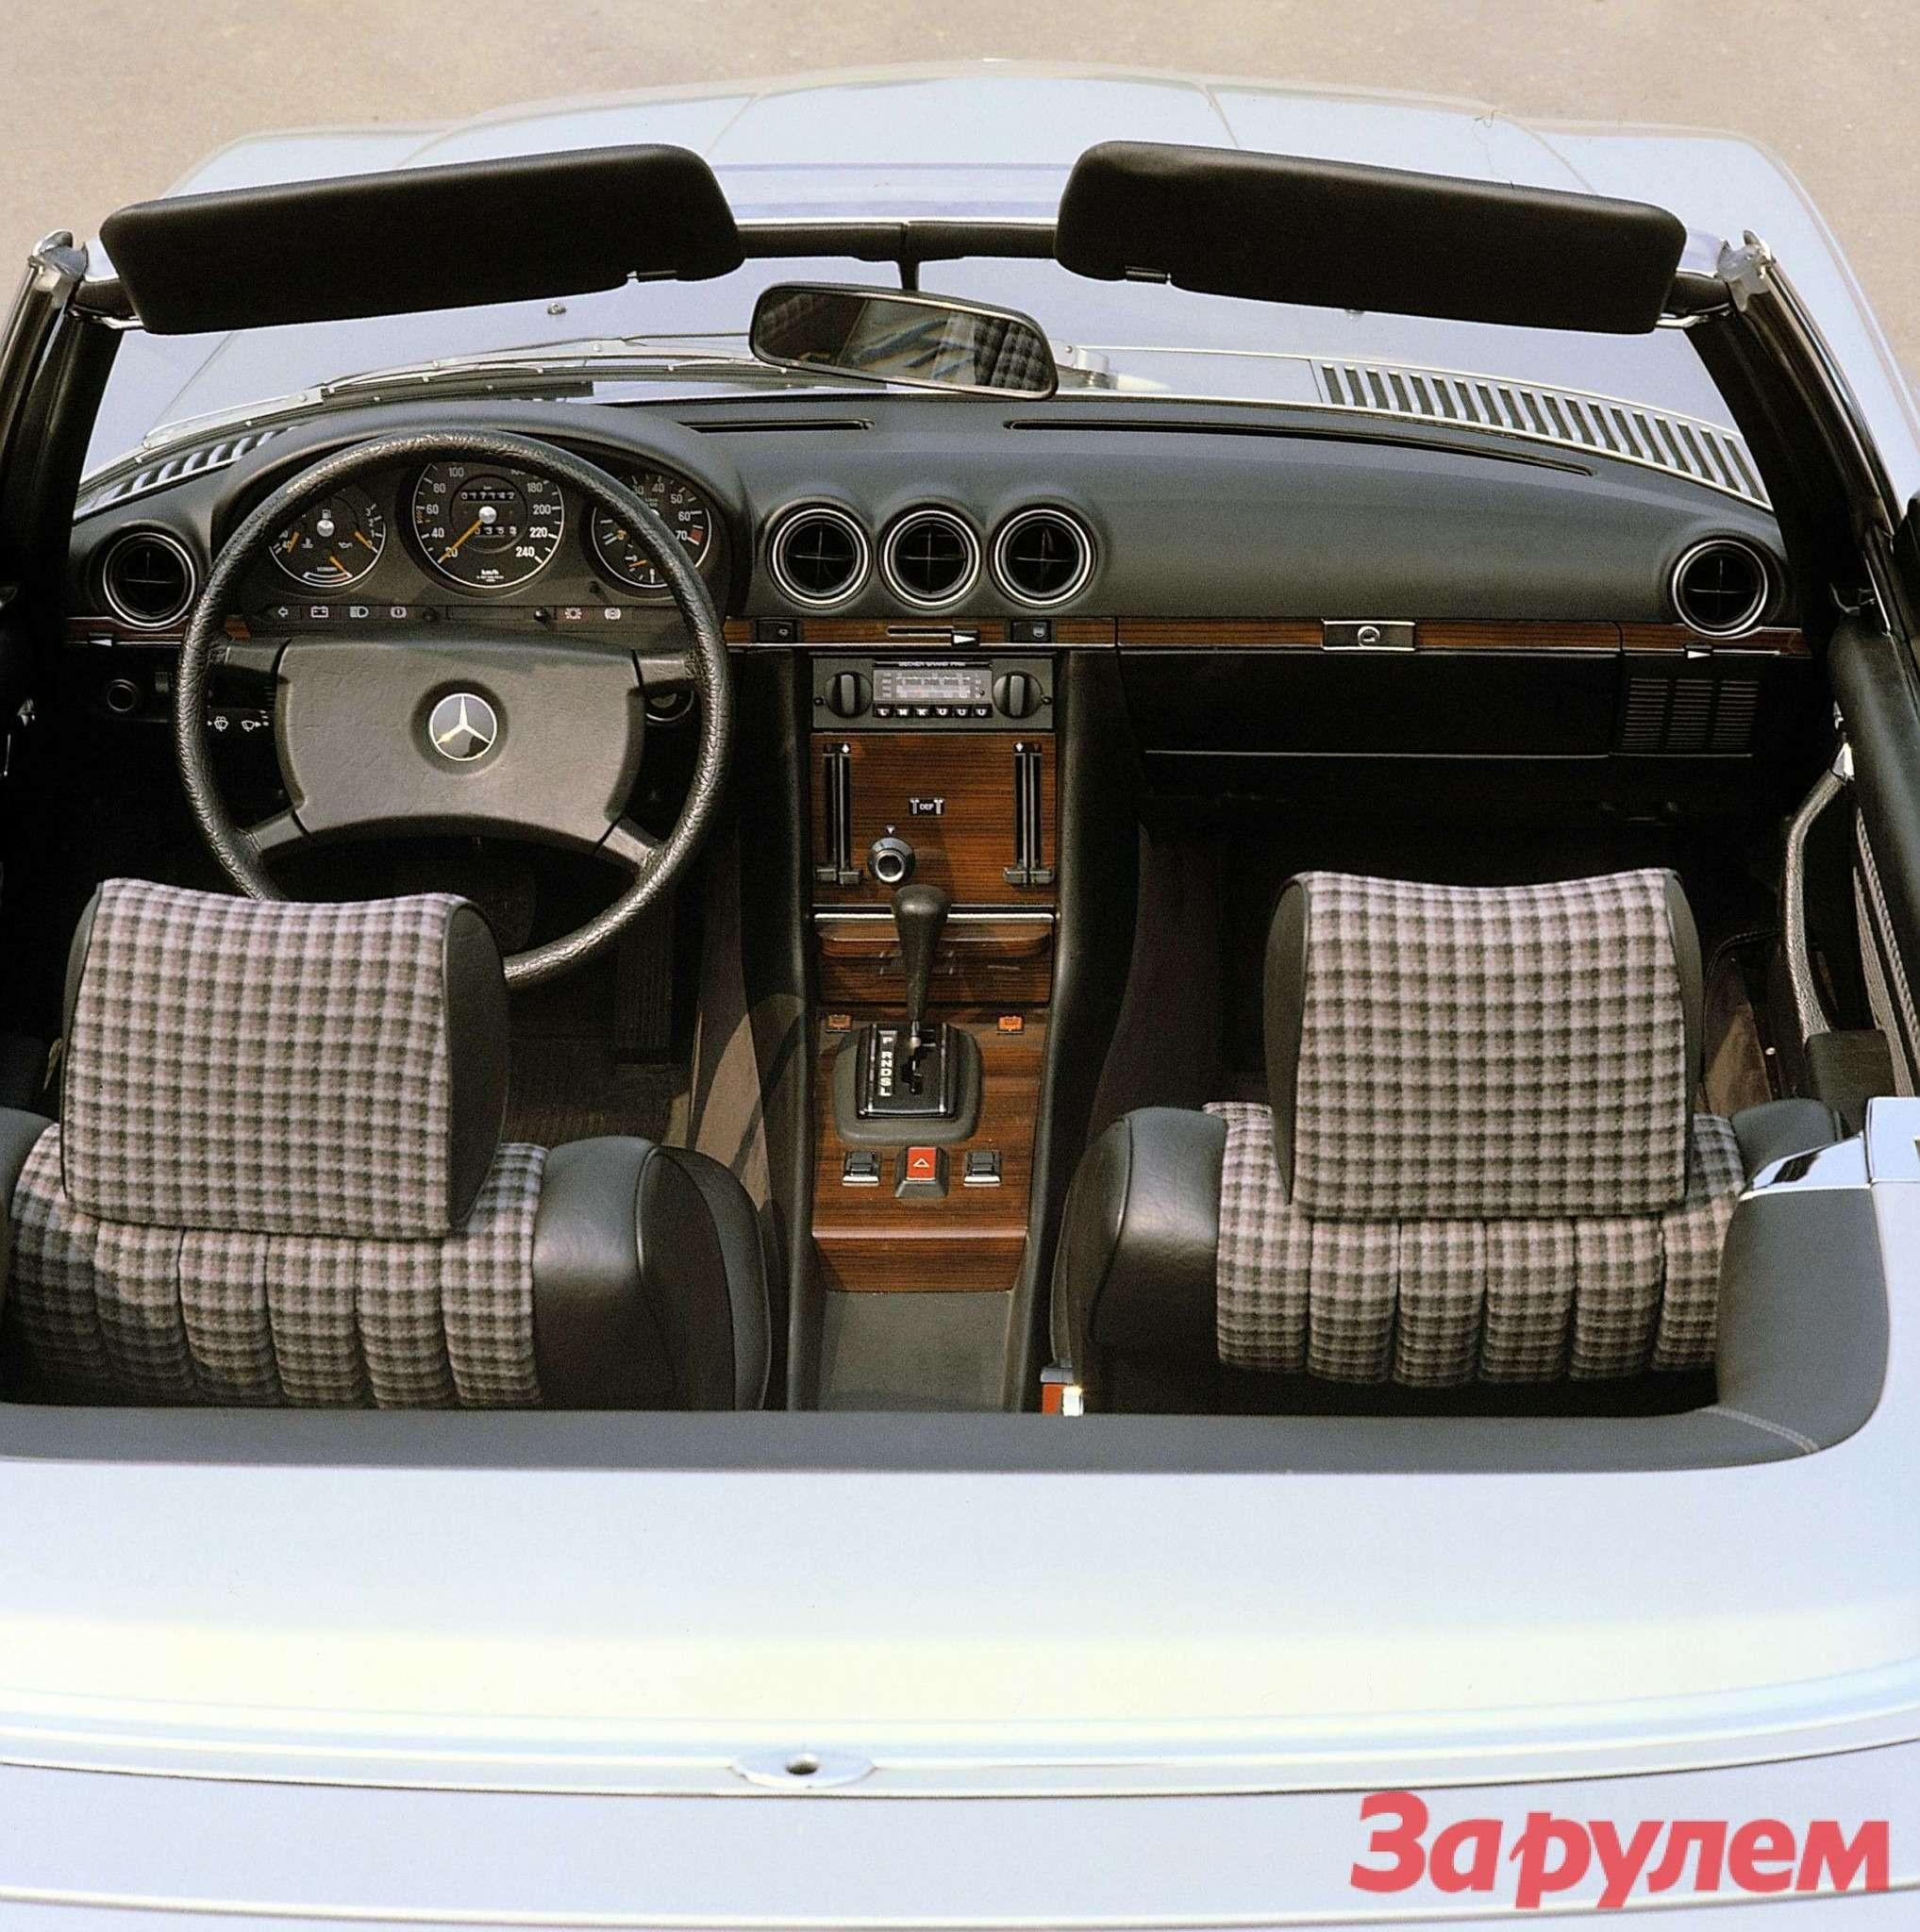 Винтерьере автомобиля значительное внимание было уделено пассивной безопасности.